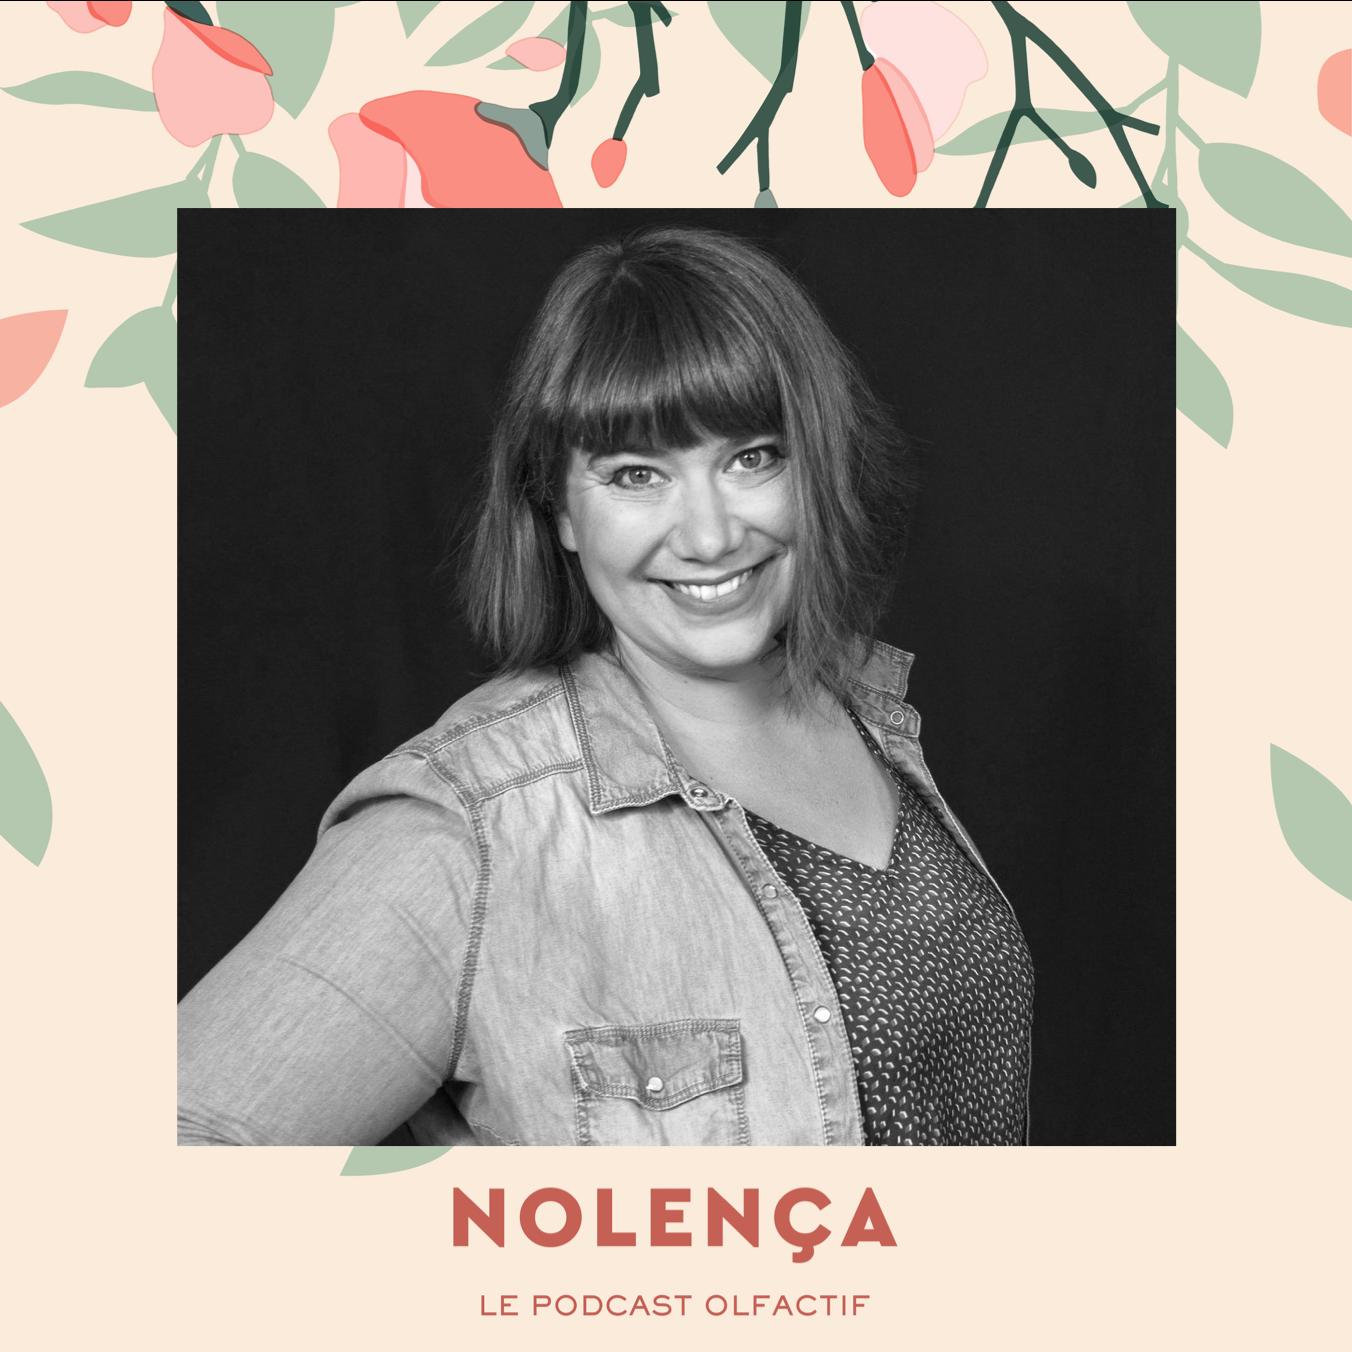 EPISODE 2 - Elodie Crochet, fondatrice d'Instants Botaniques